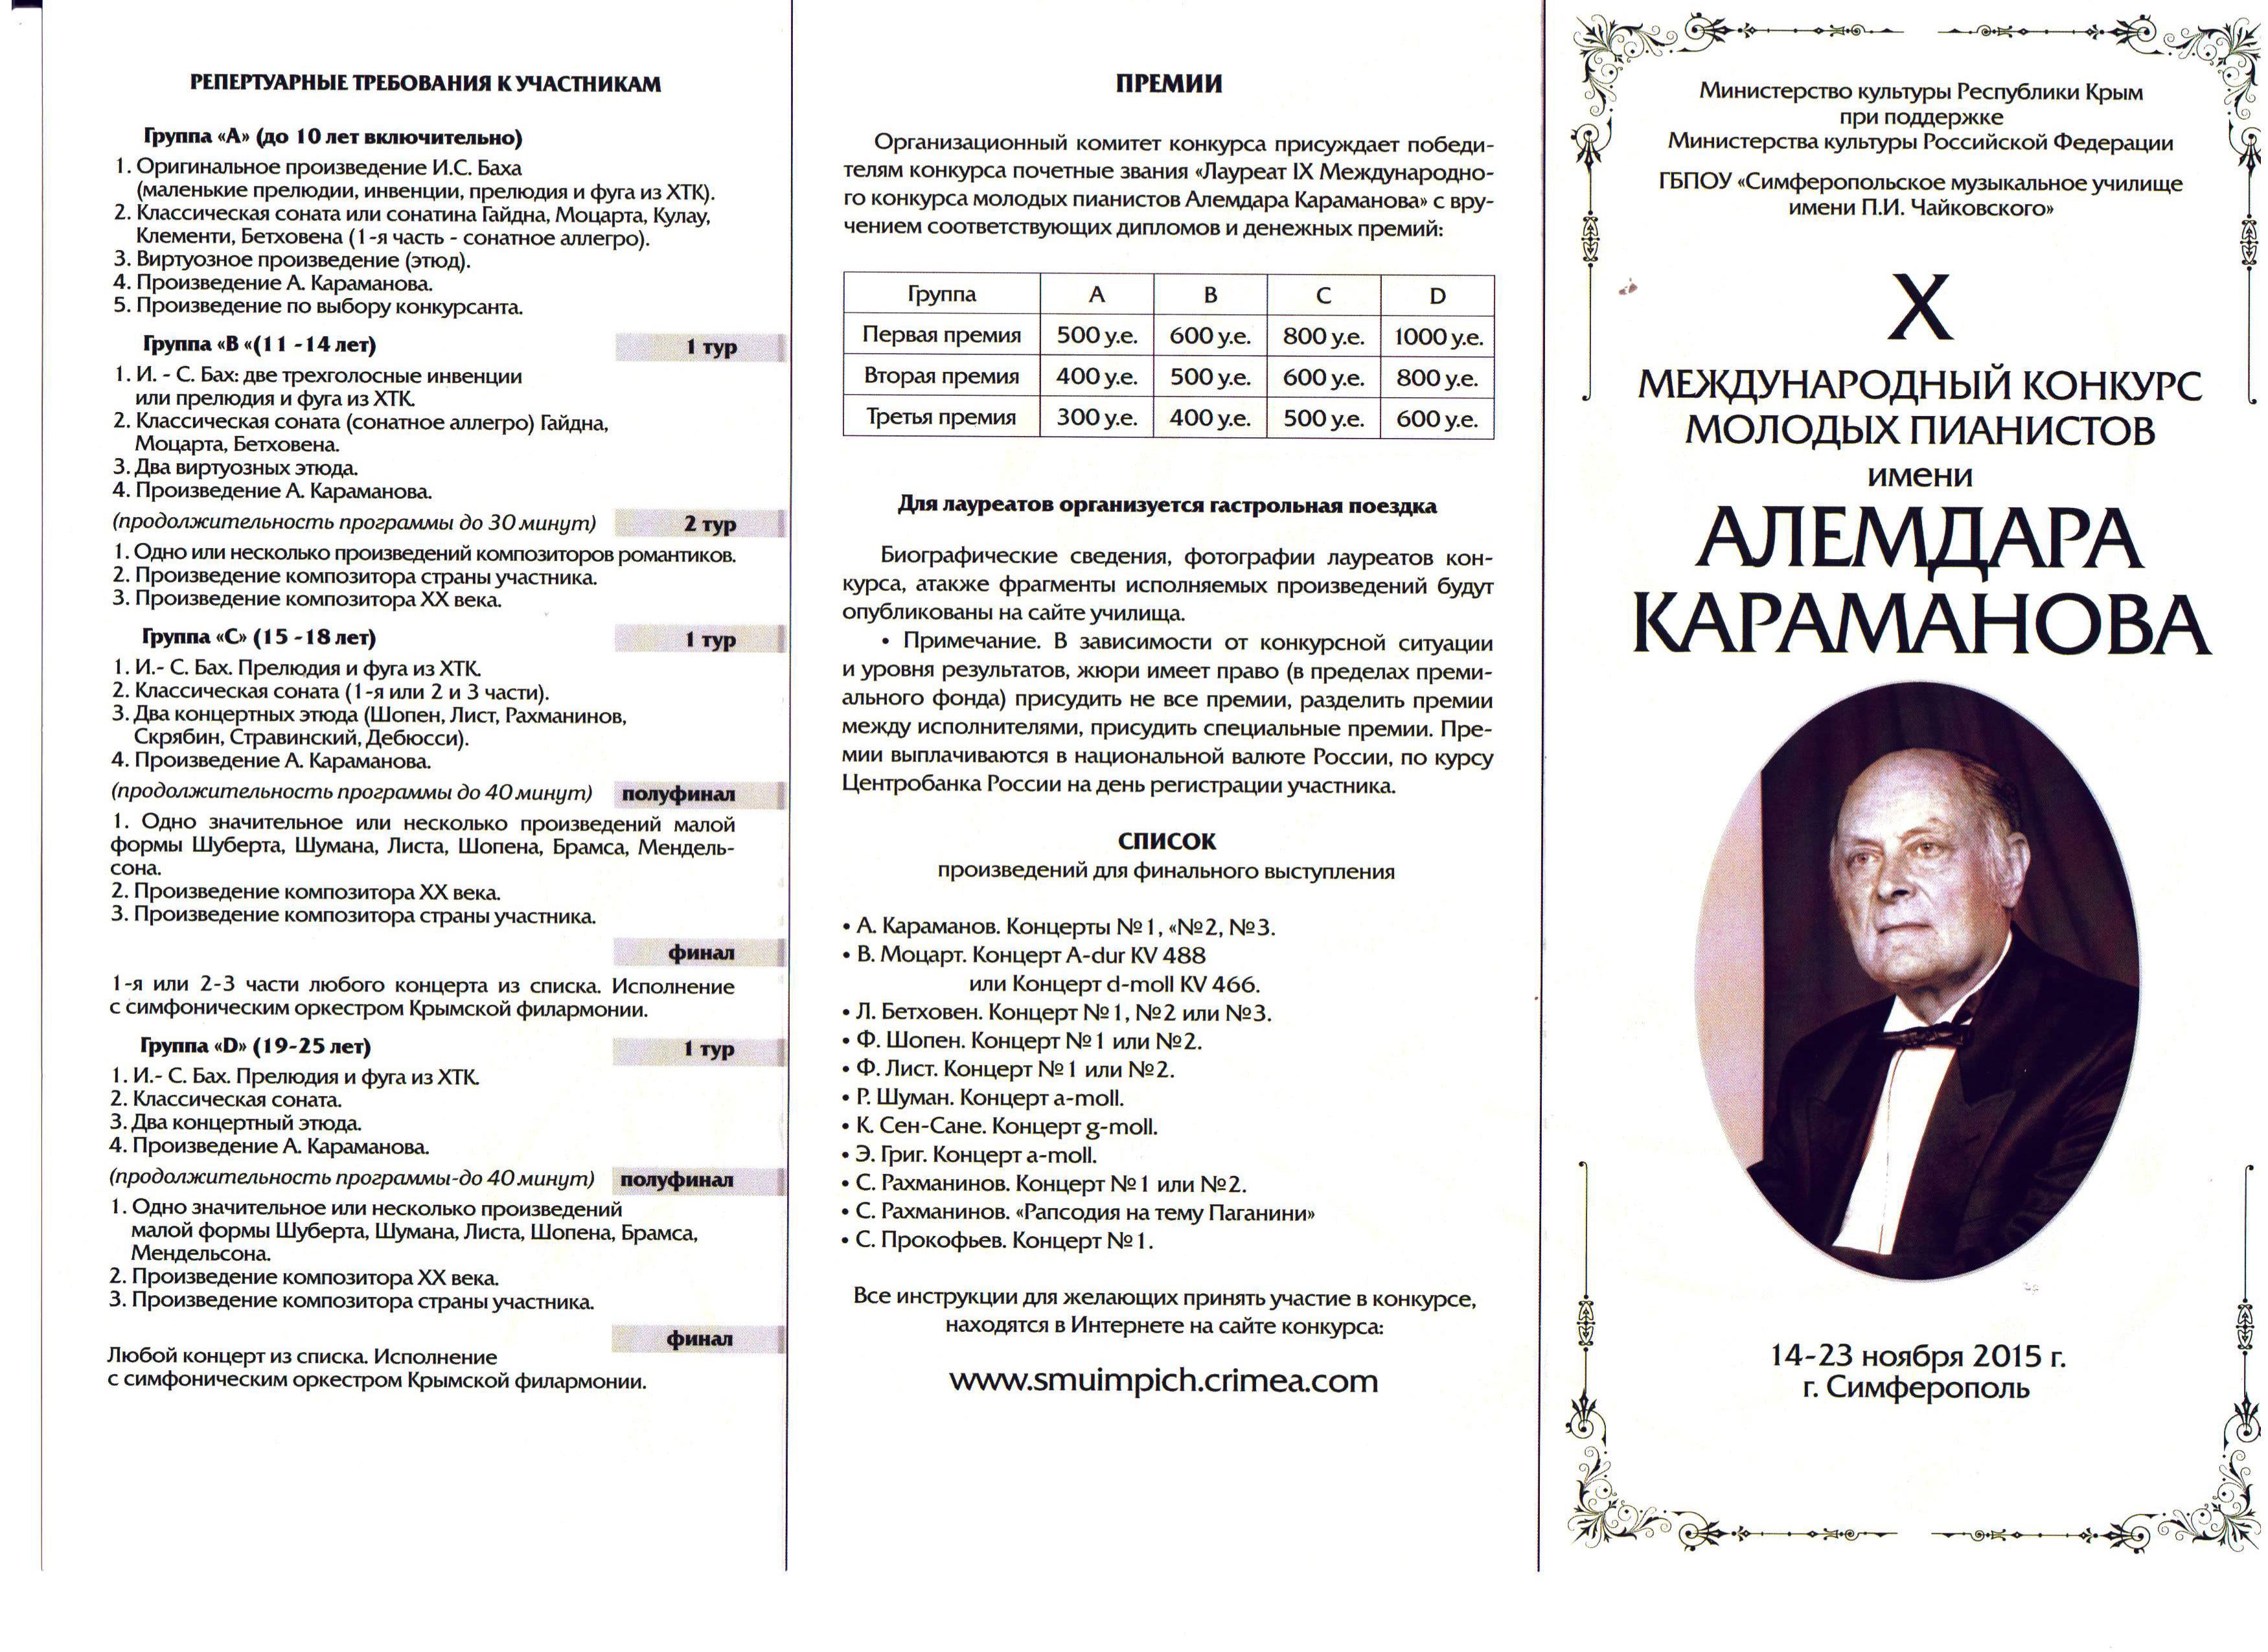 Xii международный конкурс конкурс им чайковского форум чайковского